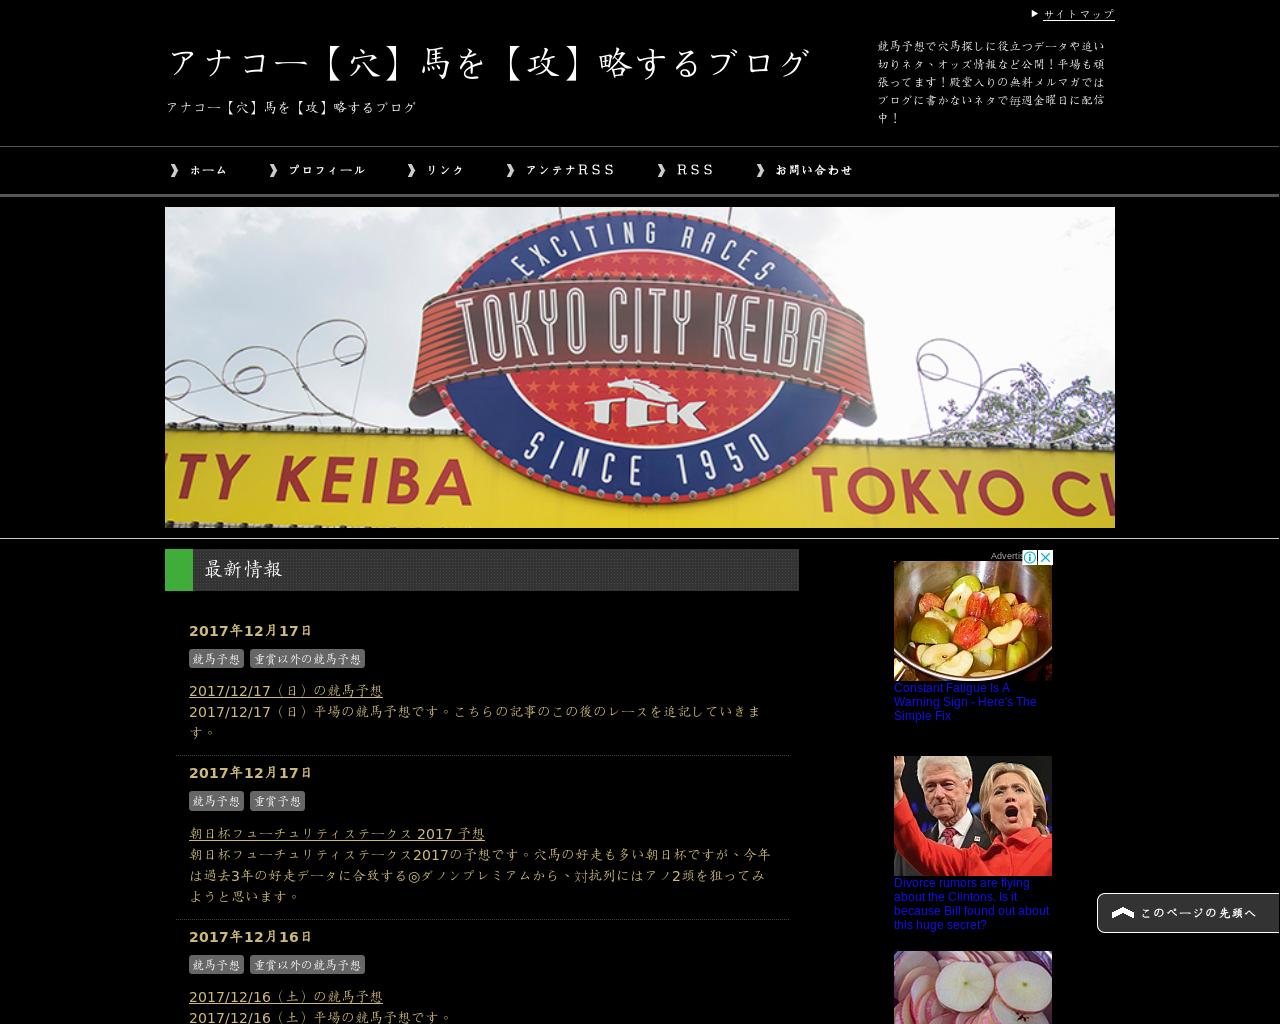 anakookeiba.com(2017/12/19 00:40:51)